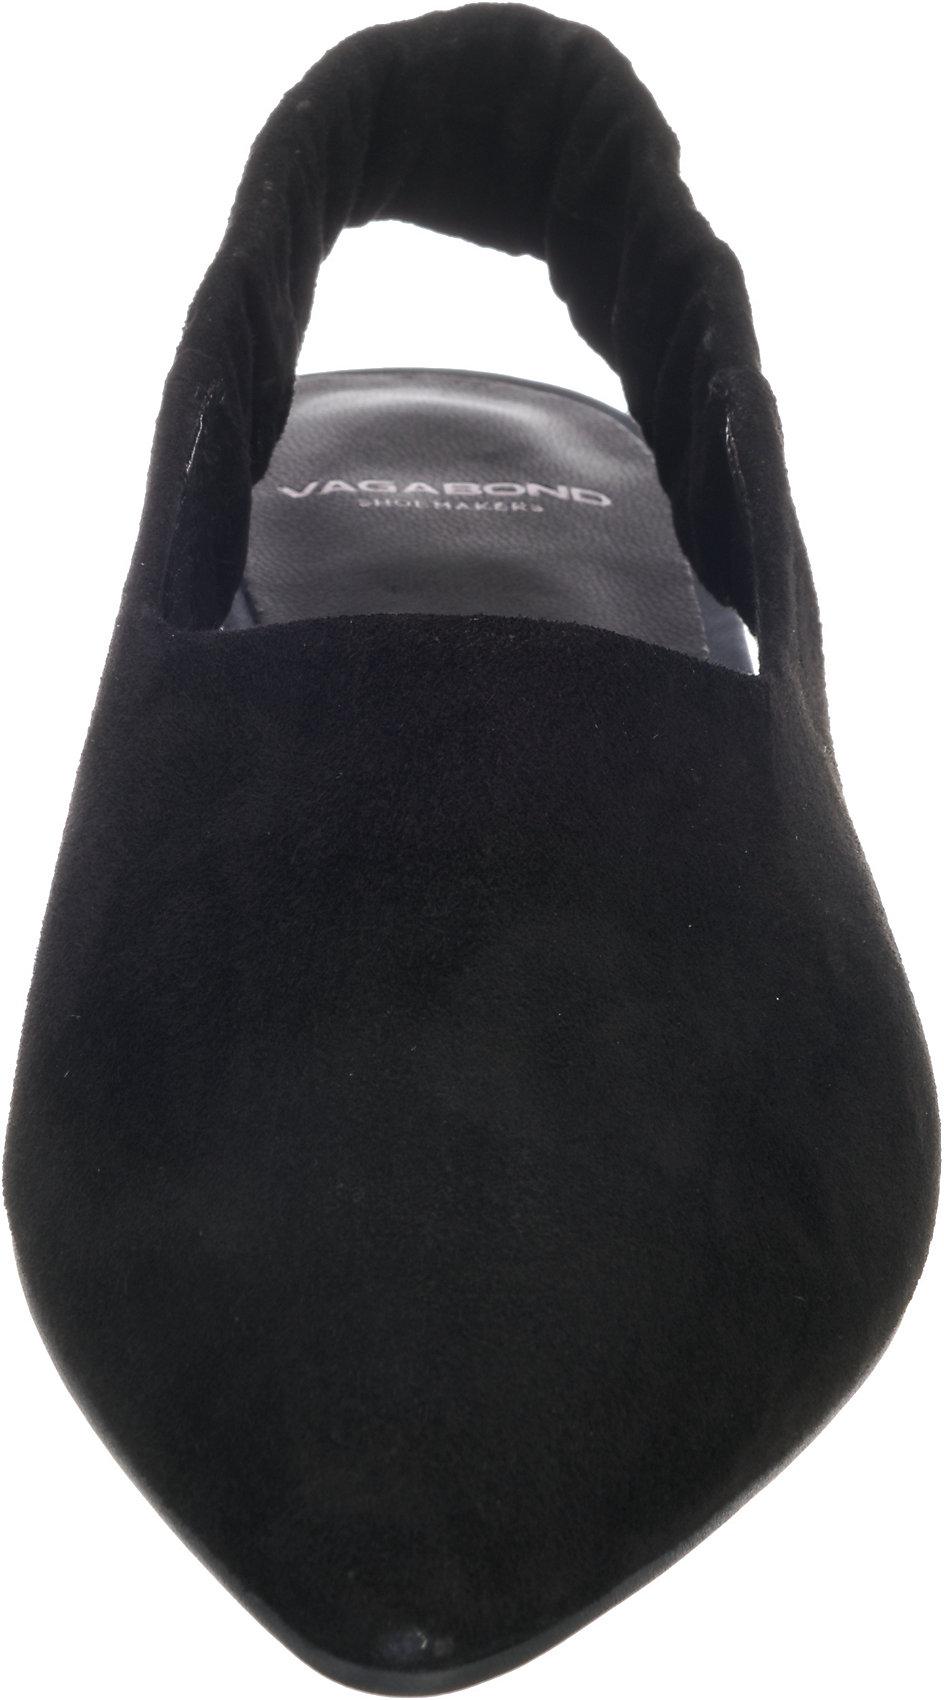 Neu VAGABOND Katlin Klassische Ballerinas 7283714 für Damen schwarz